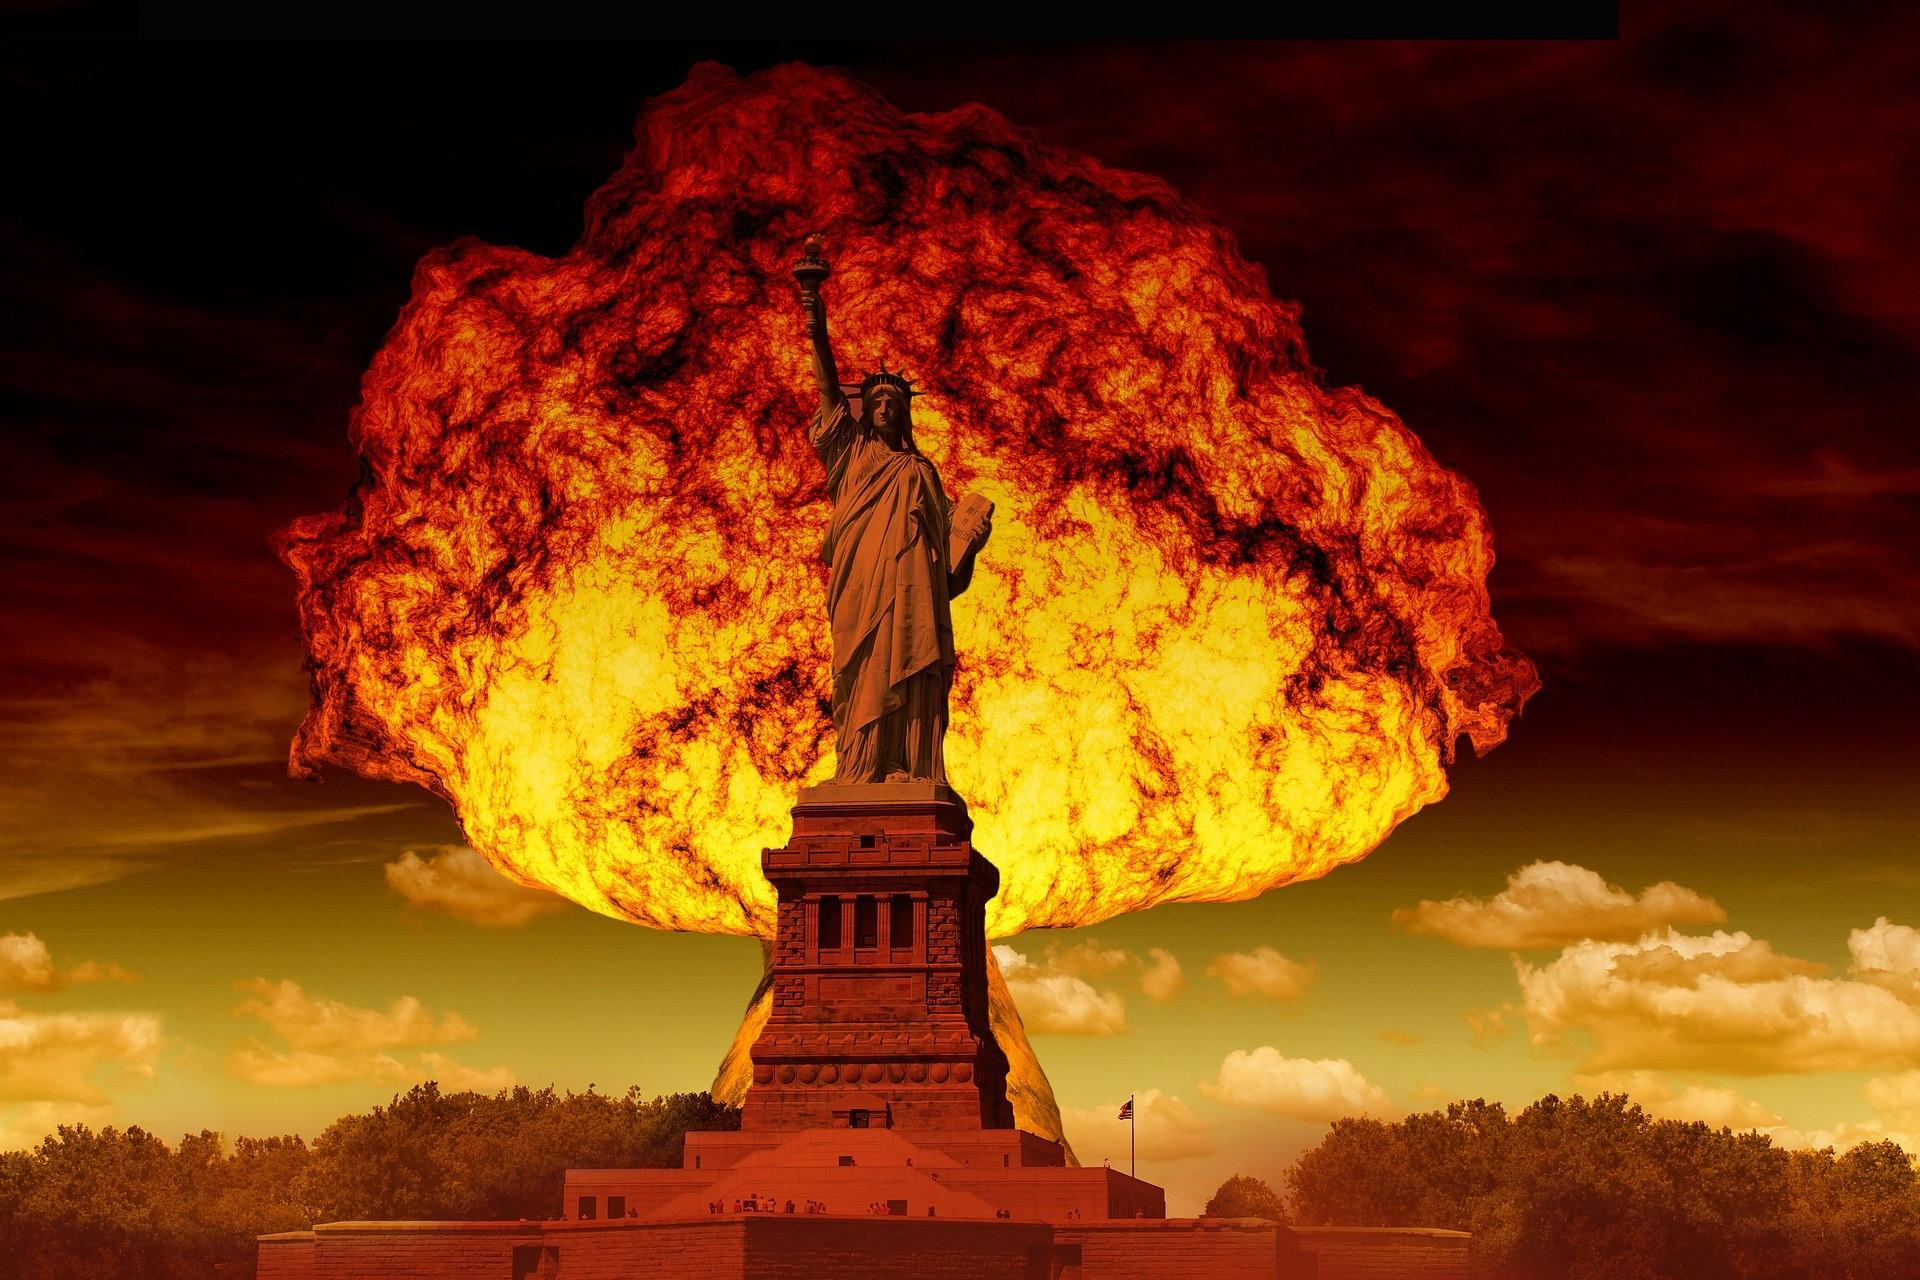 США не станет развязывать Третью мировую войну из-за Крыма